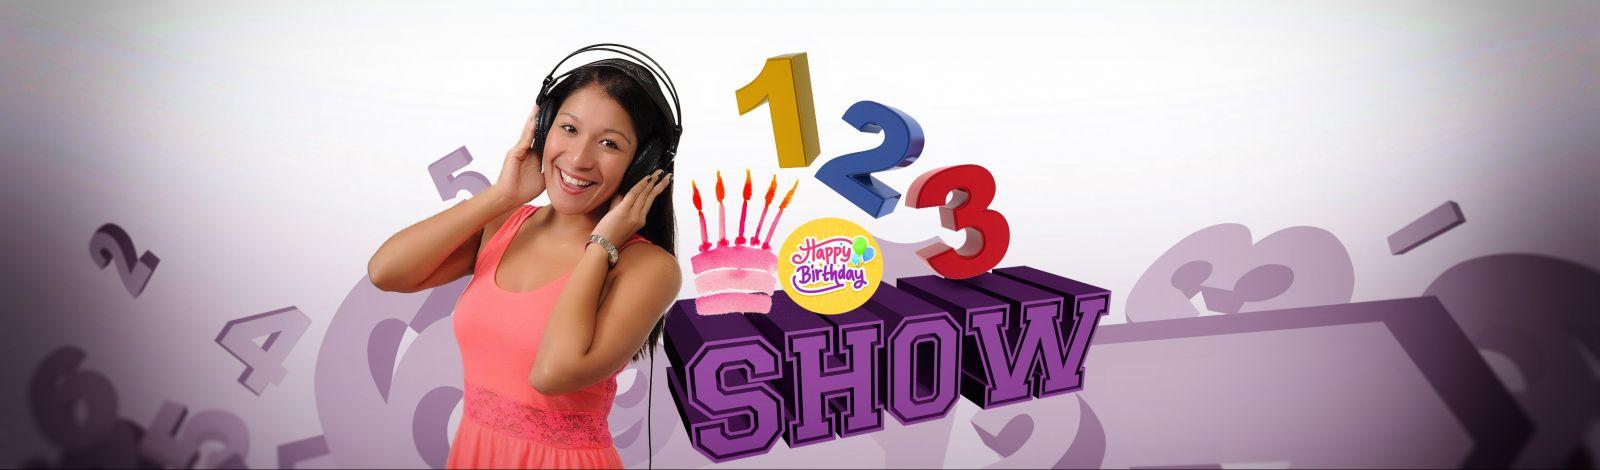 1 2 3 Show